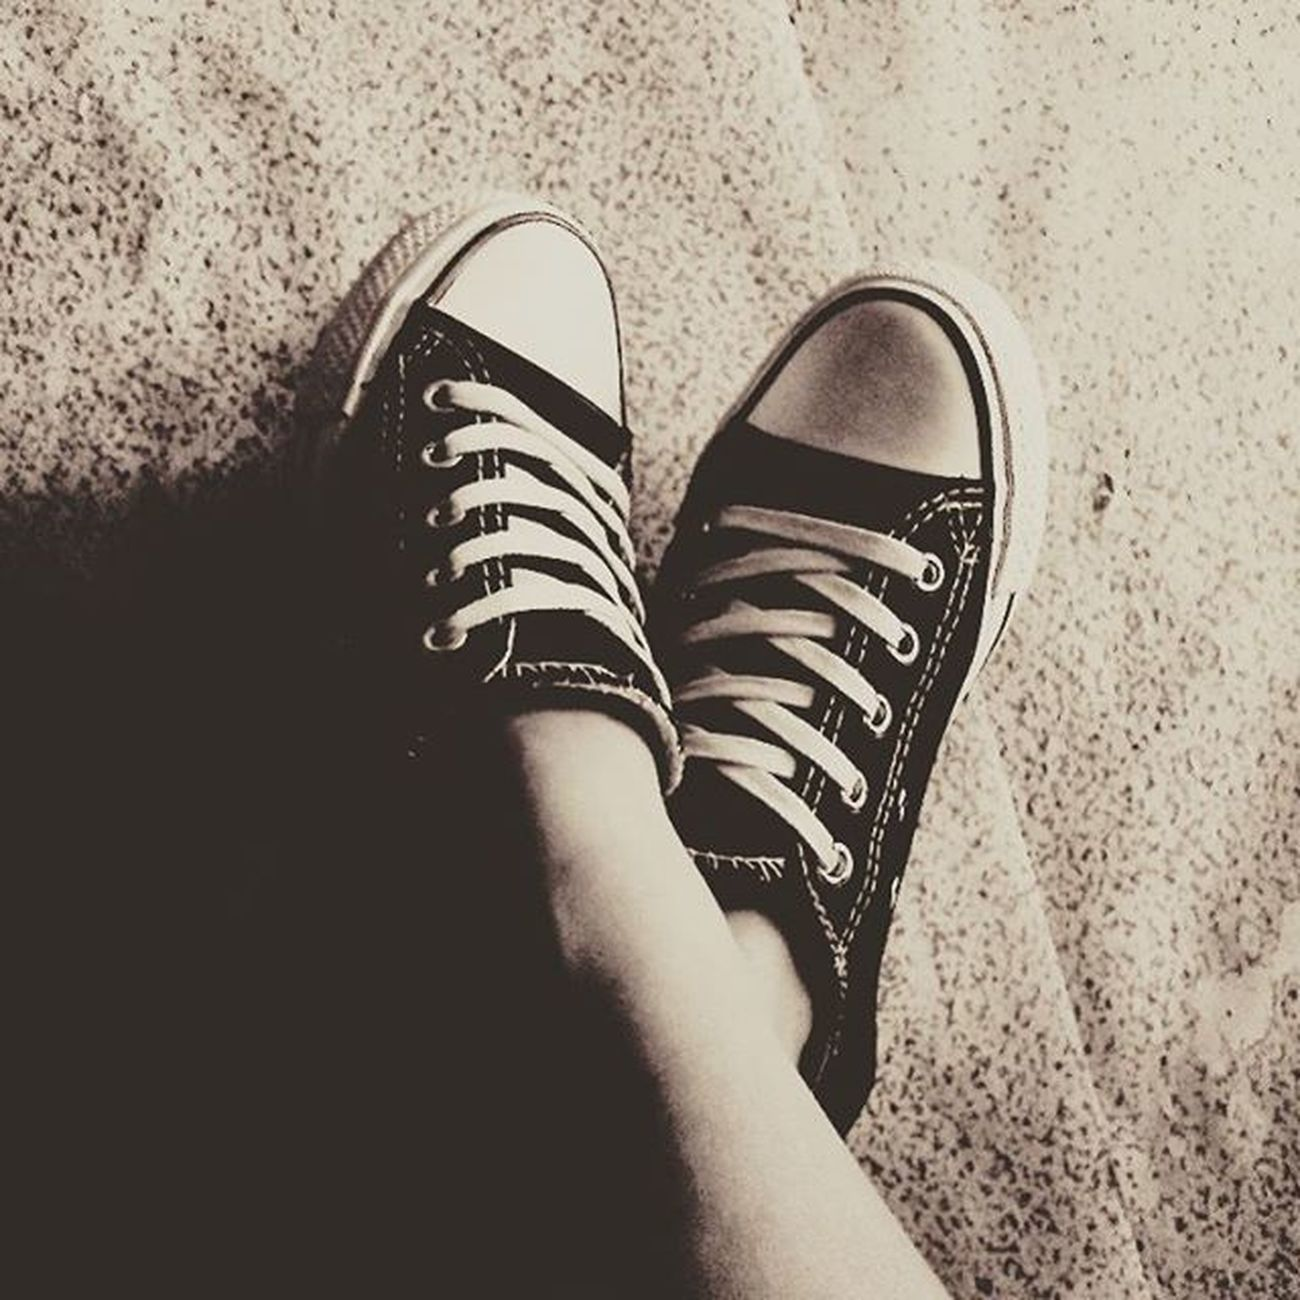 👟 Shoes Runningshoes Kicks Toptags @top.tags Instashoes Instakicks Sneakers Sneaker Sneakerhead  Sneakerheads Solecollector Soleonfire NiceKicks  Igsneakercommunity Sneakerfreak SneakerPorn ShoePorn Fashion Swag Instagood Fresh Photooftheday Nike Sneakerholics Sneakerfiend shoegasm kickstagram walklikeus peepmysneaks flykicks